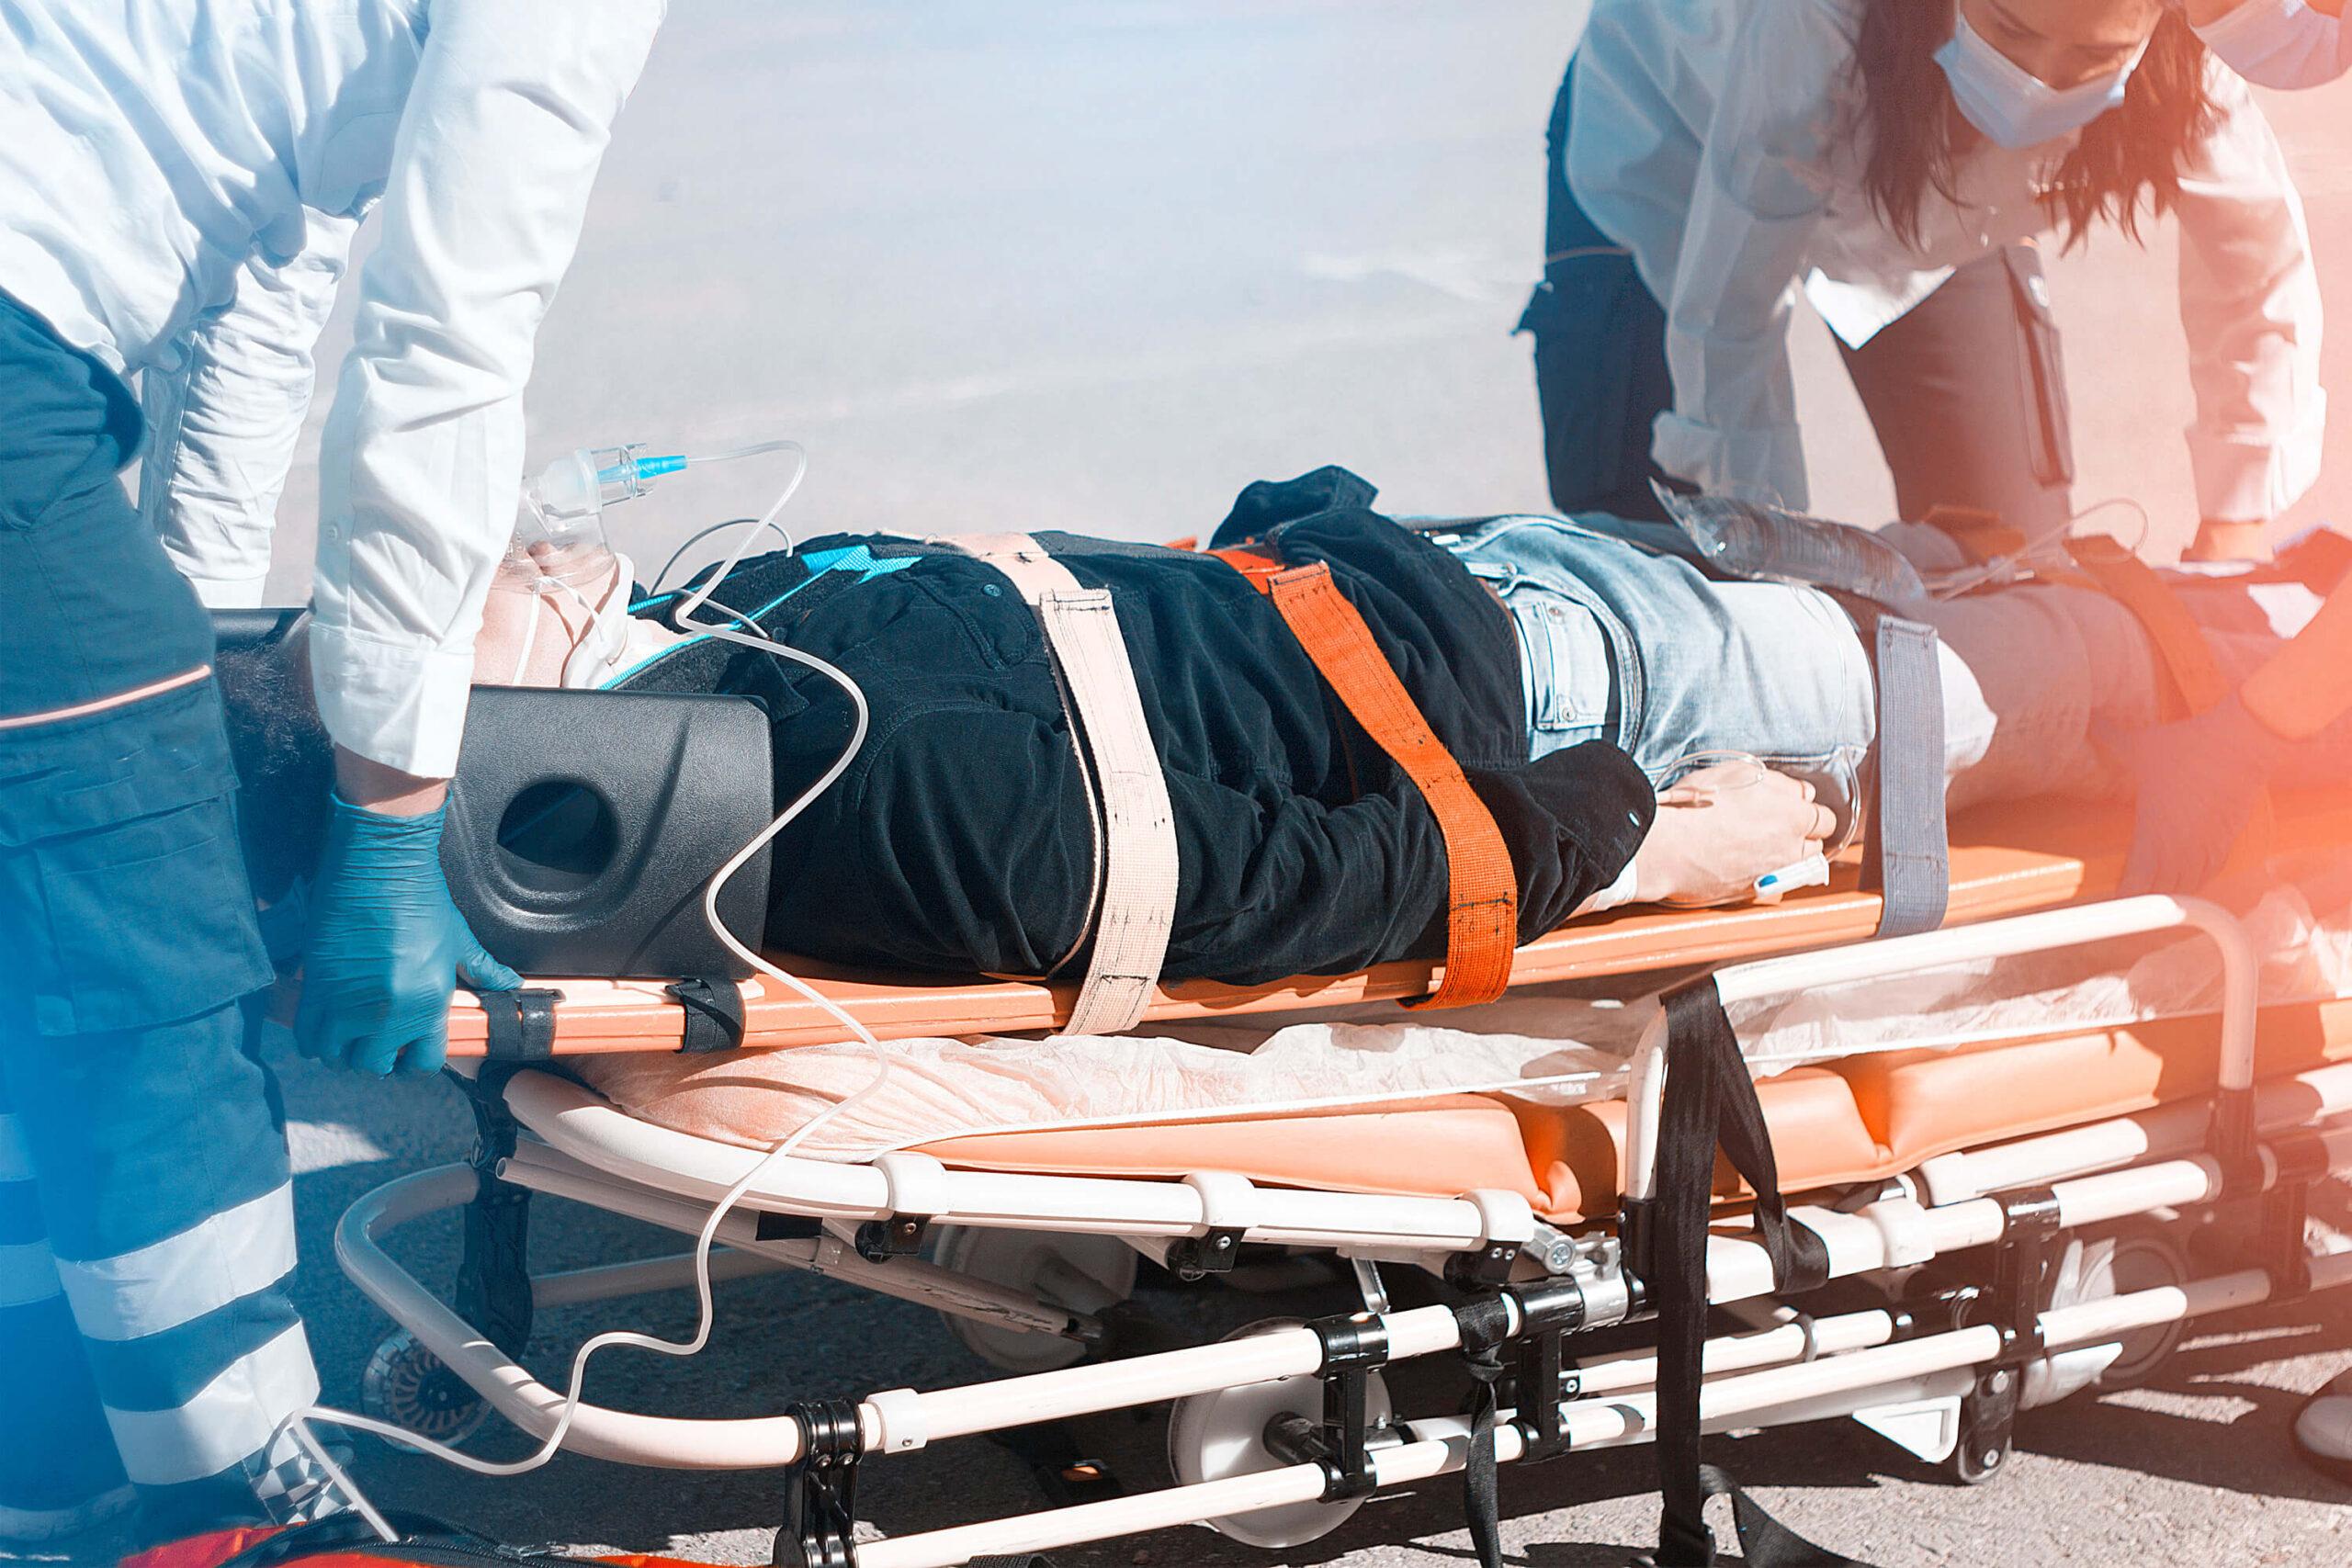 atencion-sanitaria-multiples-victimas-catastrofes-landing-gala-formacion